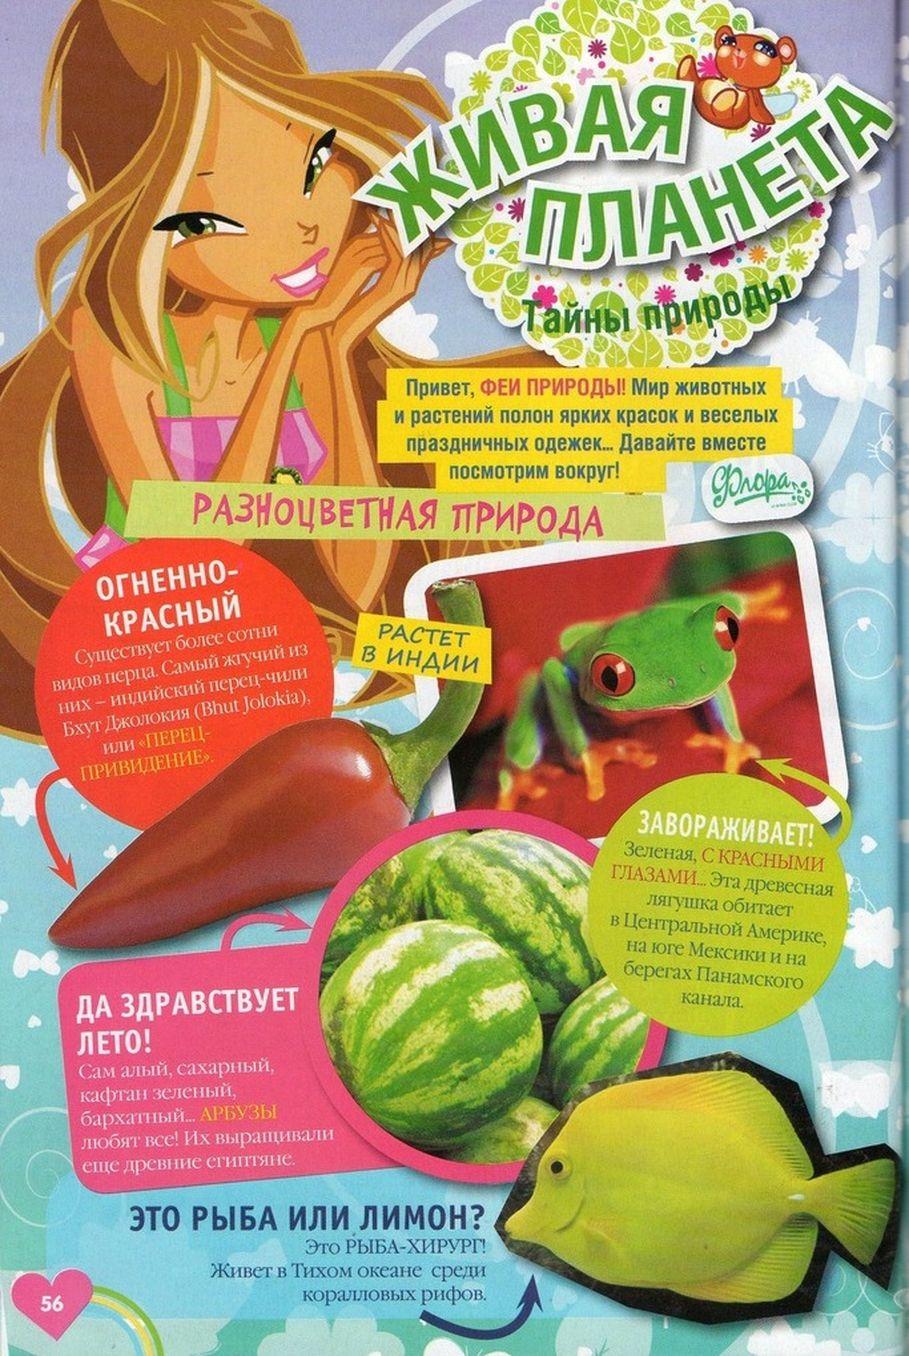 Комикс Винкс Winx - Каменные великаны (Журнал Винкс №11 2011) - стр. 53